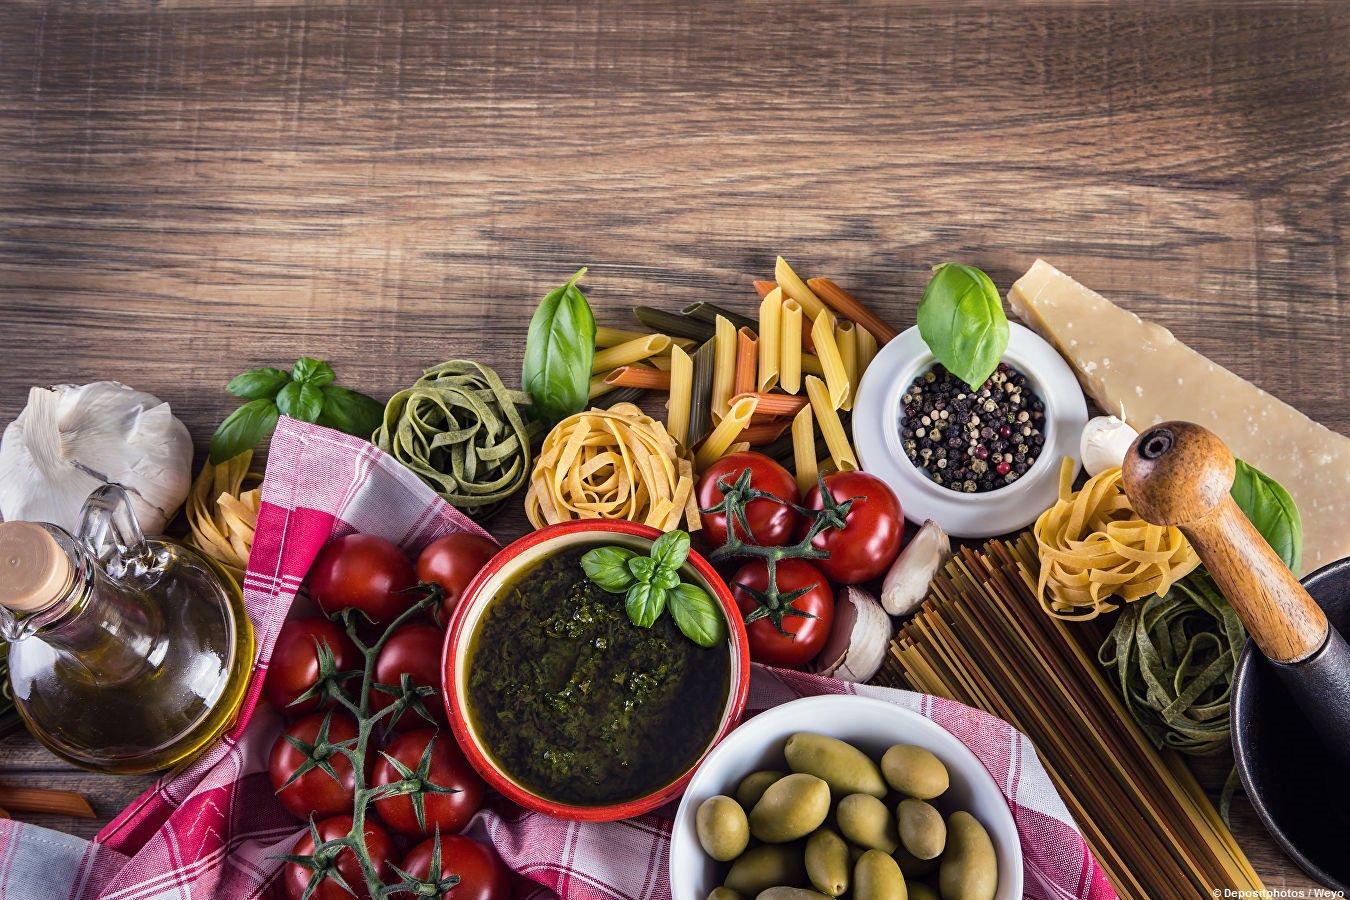 Средиземноморская Диета И Кухня. Средиземноморская диета: меню на неделю, рецепты